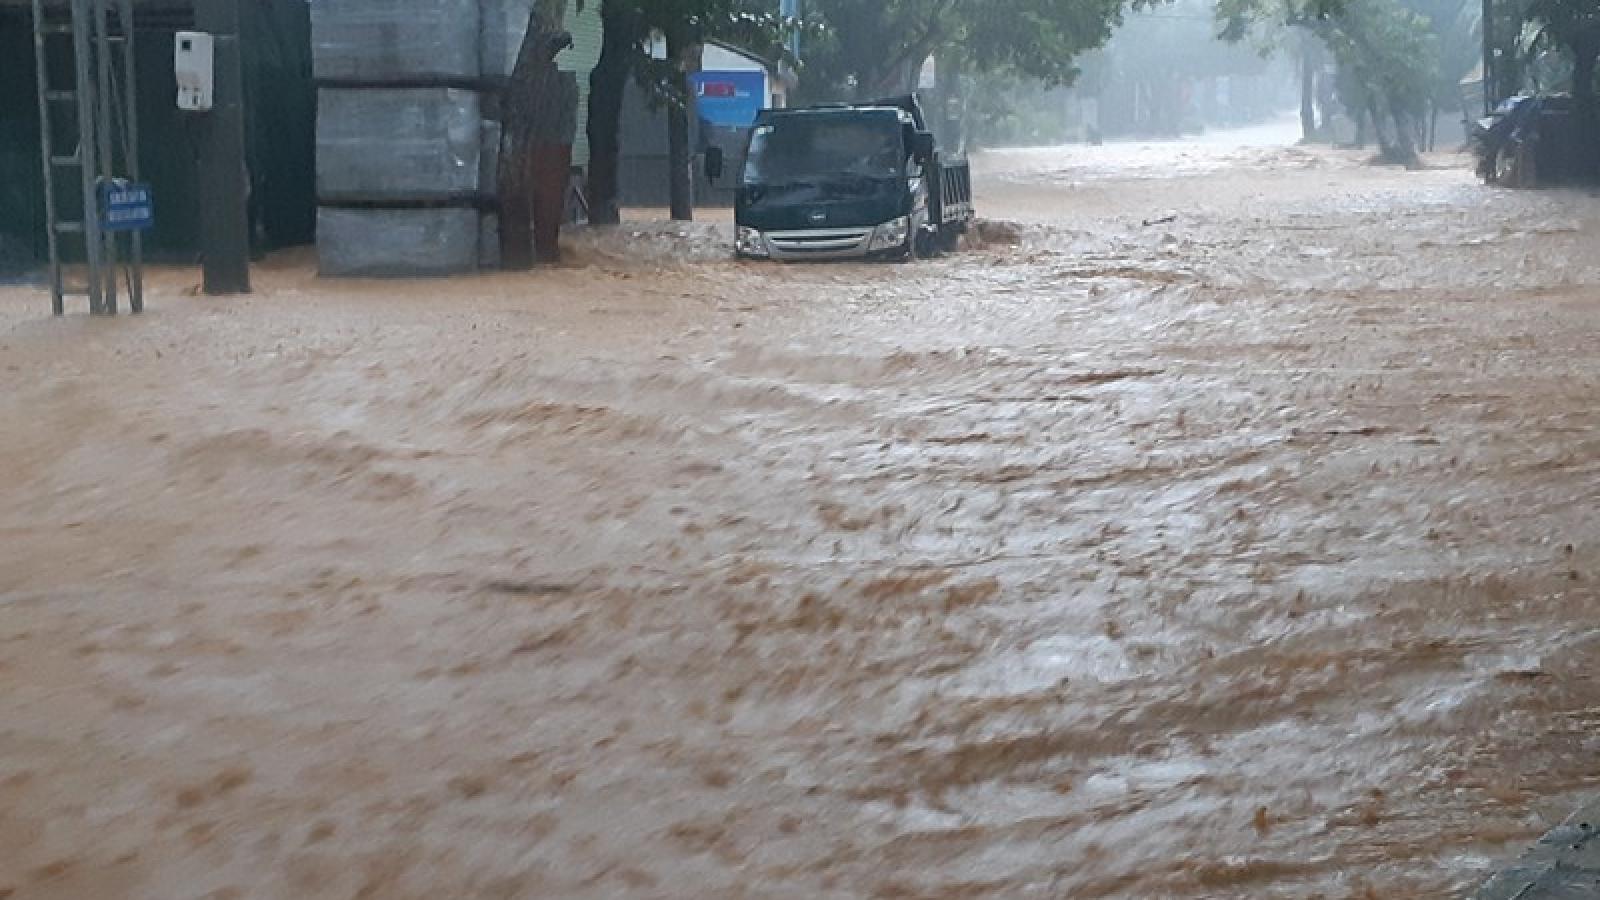 Thủ tướng yêu cầu khắc phục hậu quả mưa lũ ở Hà Giang